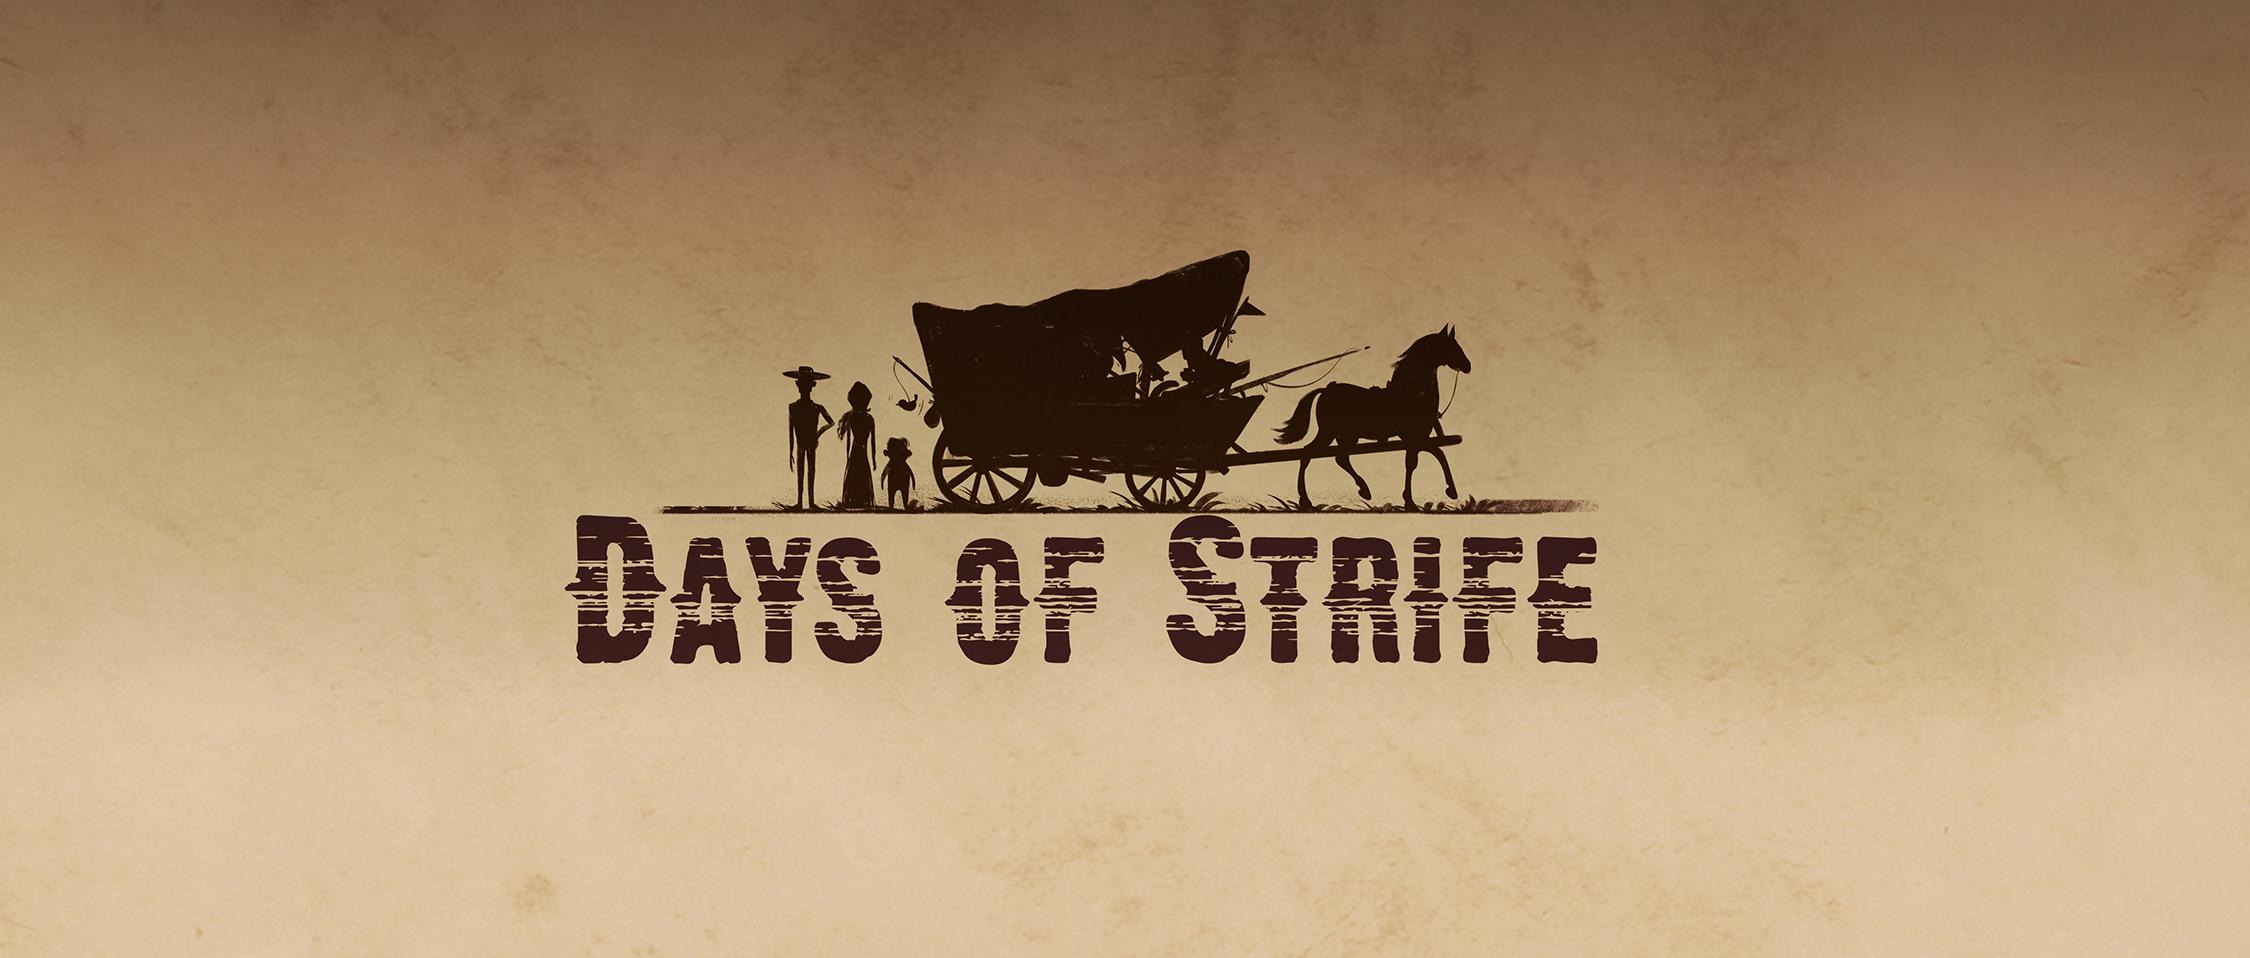 `celine days of strife logo.jpg